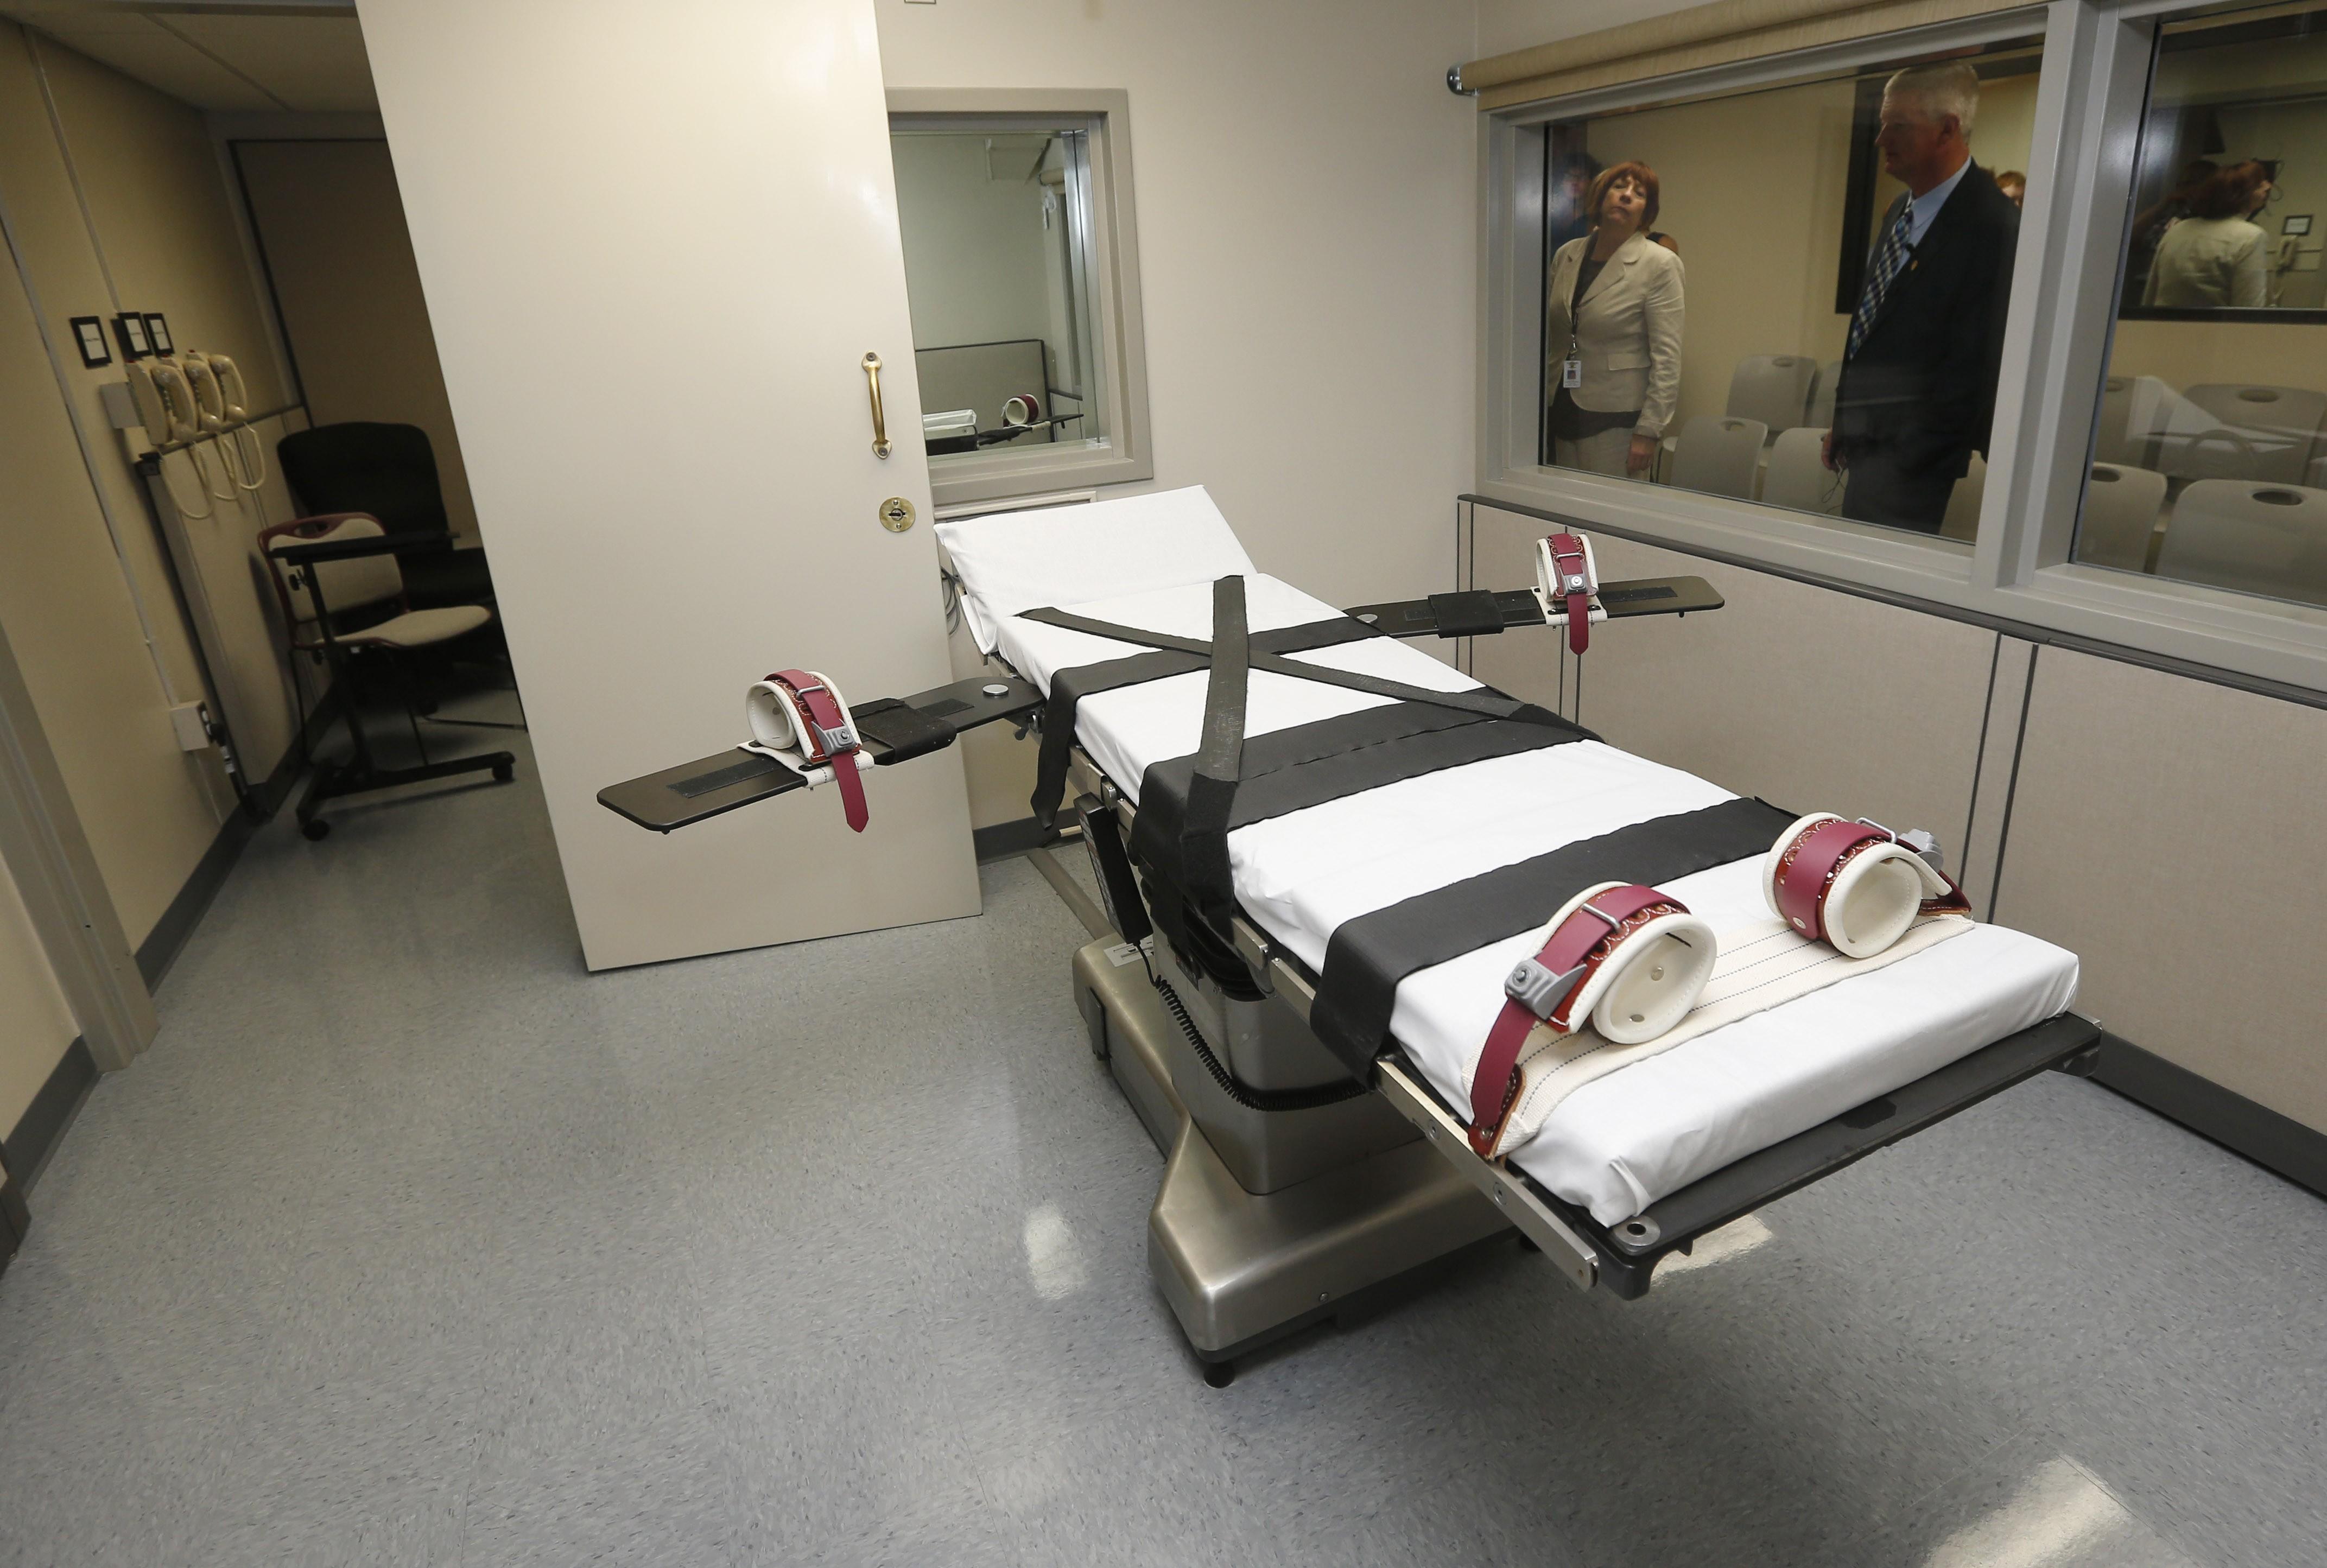 Из-за особенного гена, отвечающего за агрессию, парню сократили срок за убийство